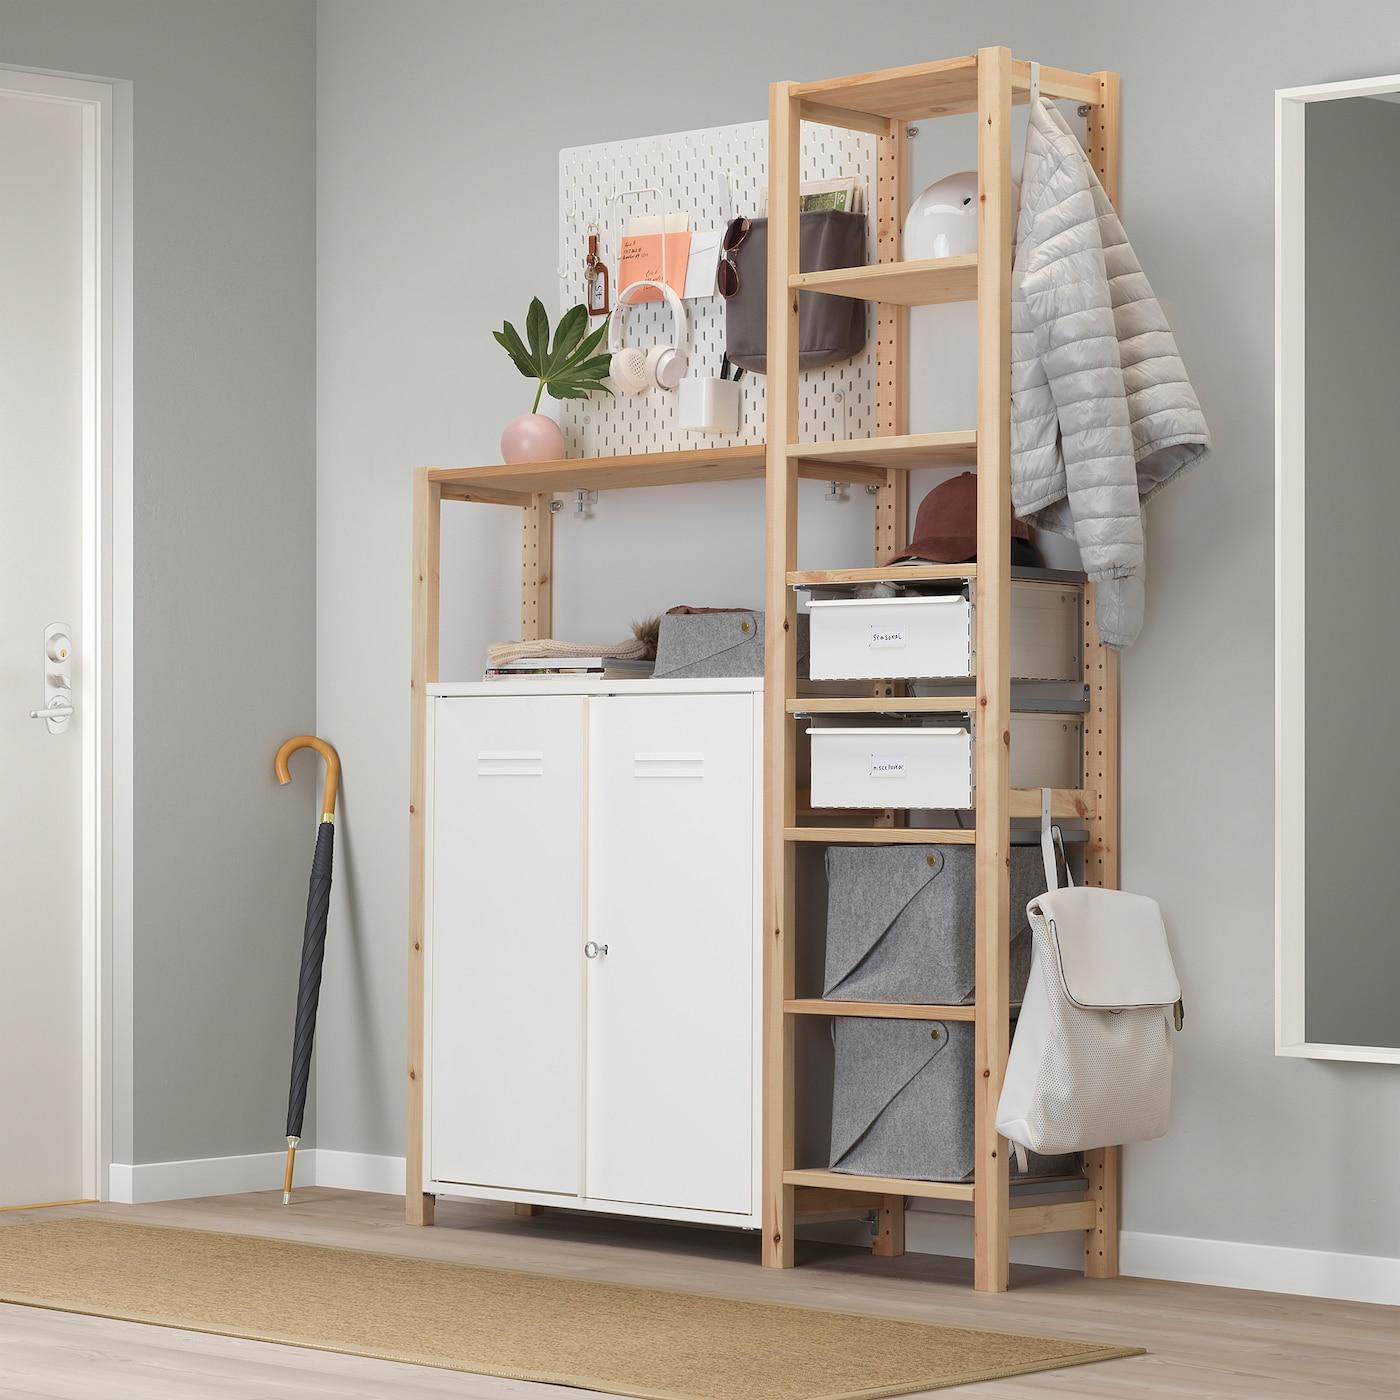 1x Schubladen Schubladeneinheit passend für Ikea IVAR Regal